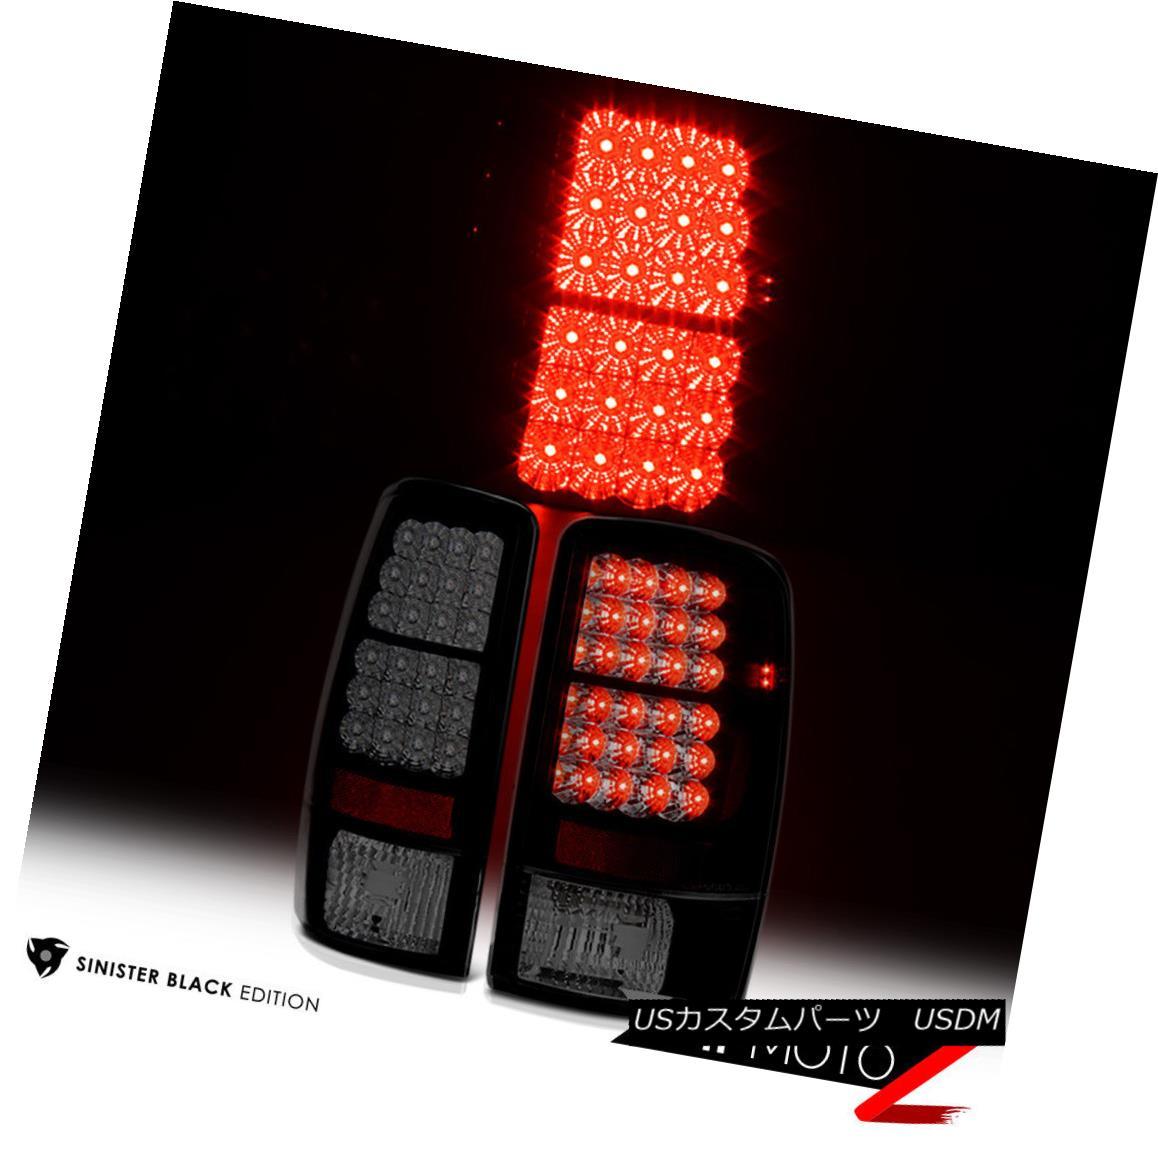 テールライト Sinister Black [THE DARKEST] 00-06 GMC Yukon XL Suburban Tahoe LED SMD Tail Lamp Sinister Black [THE DARKEST] 00-06 GMC Yukon XL郊外のTahoe LED SMDテールランプ